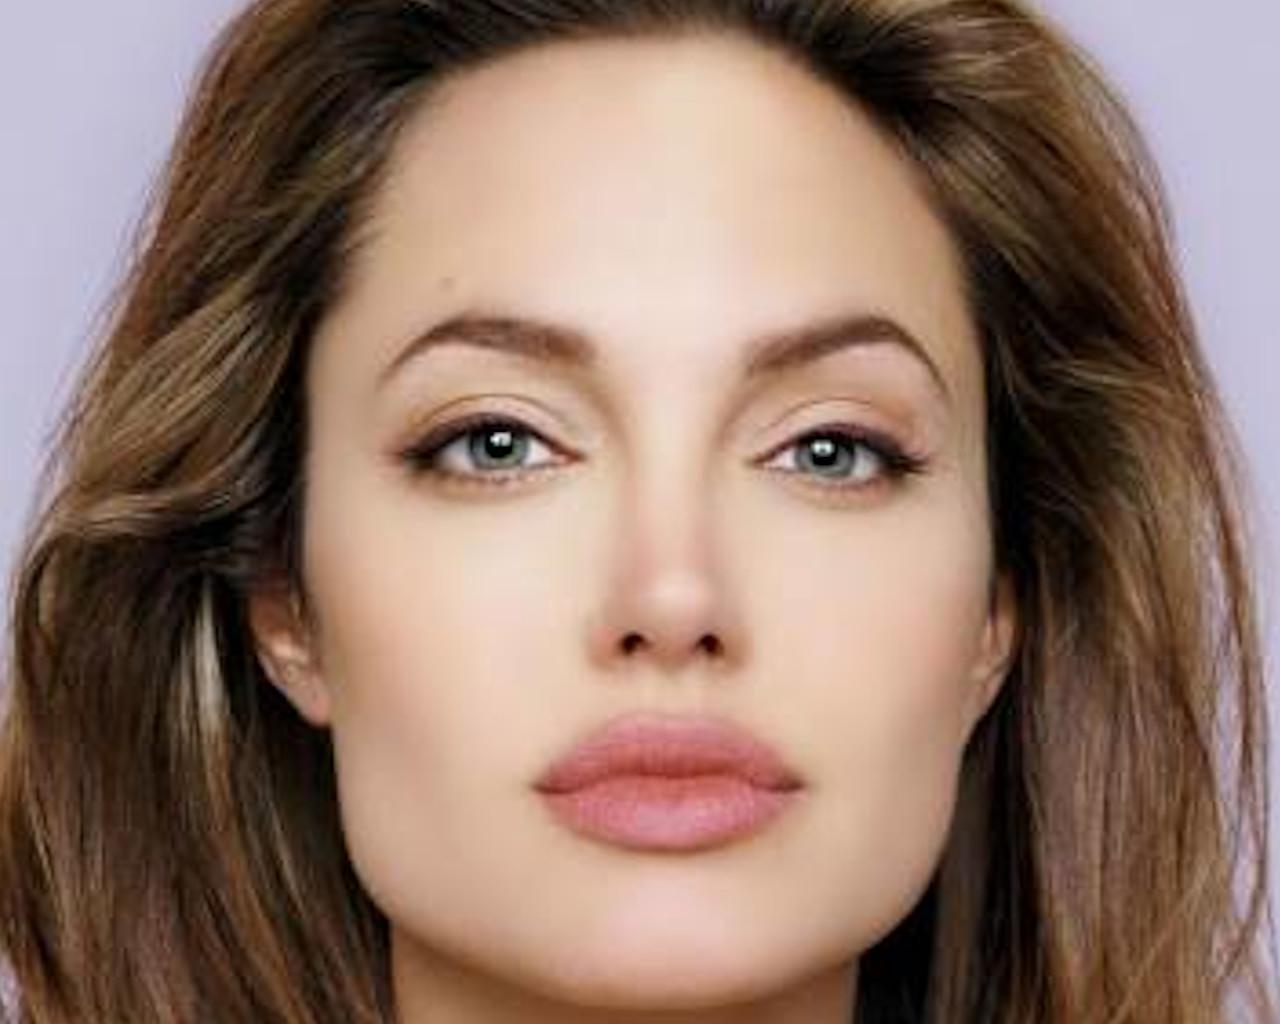 Έτσι θα αποκτήσεις τα χείλη της Αντζελίνα Τζολί-ΘΑΥΜΑΤΟΥΡΓΟ scrub μόνο με 3 υλικά!